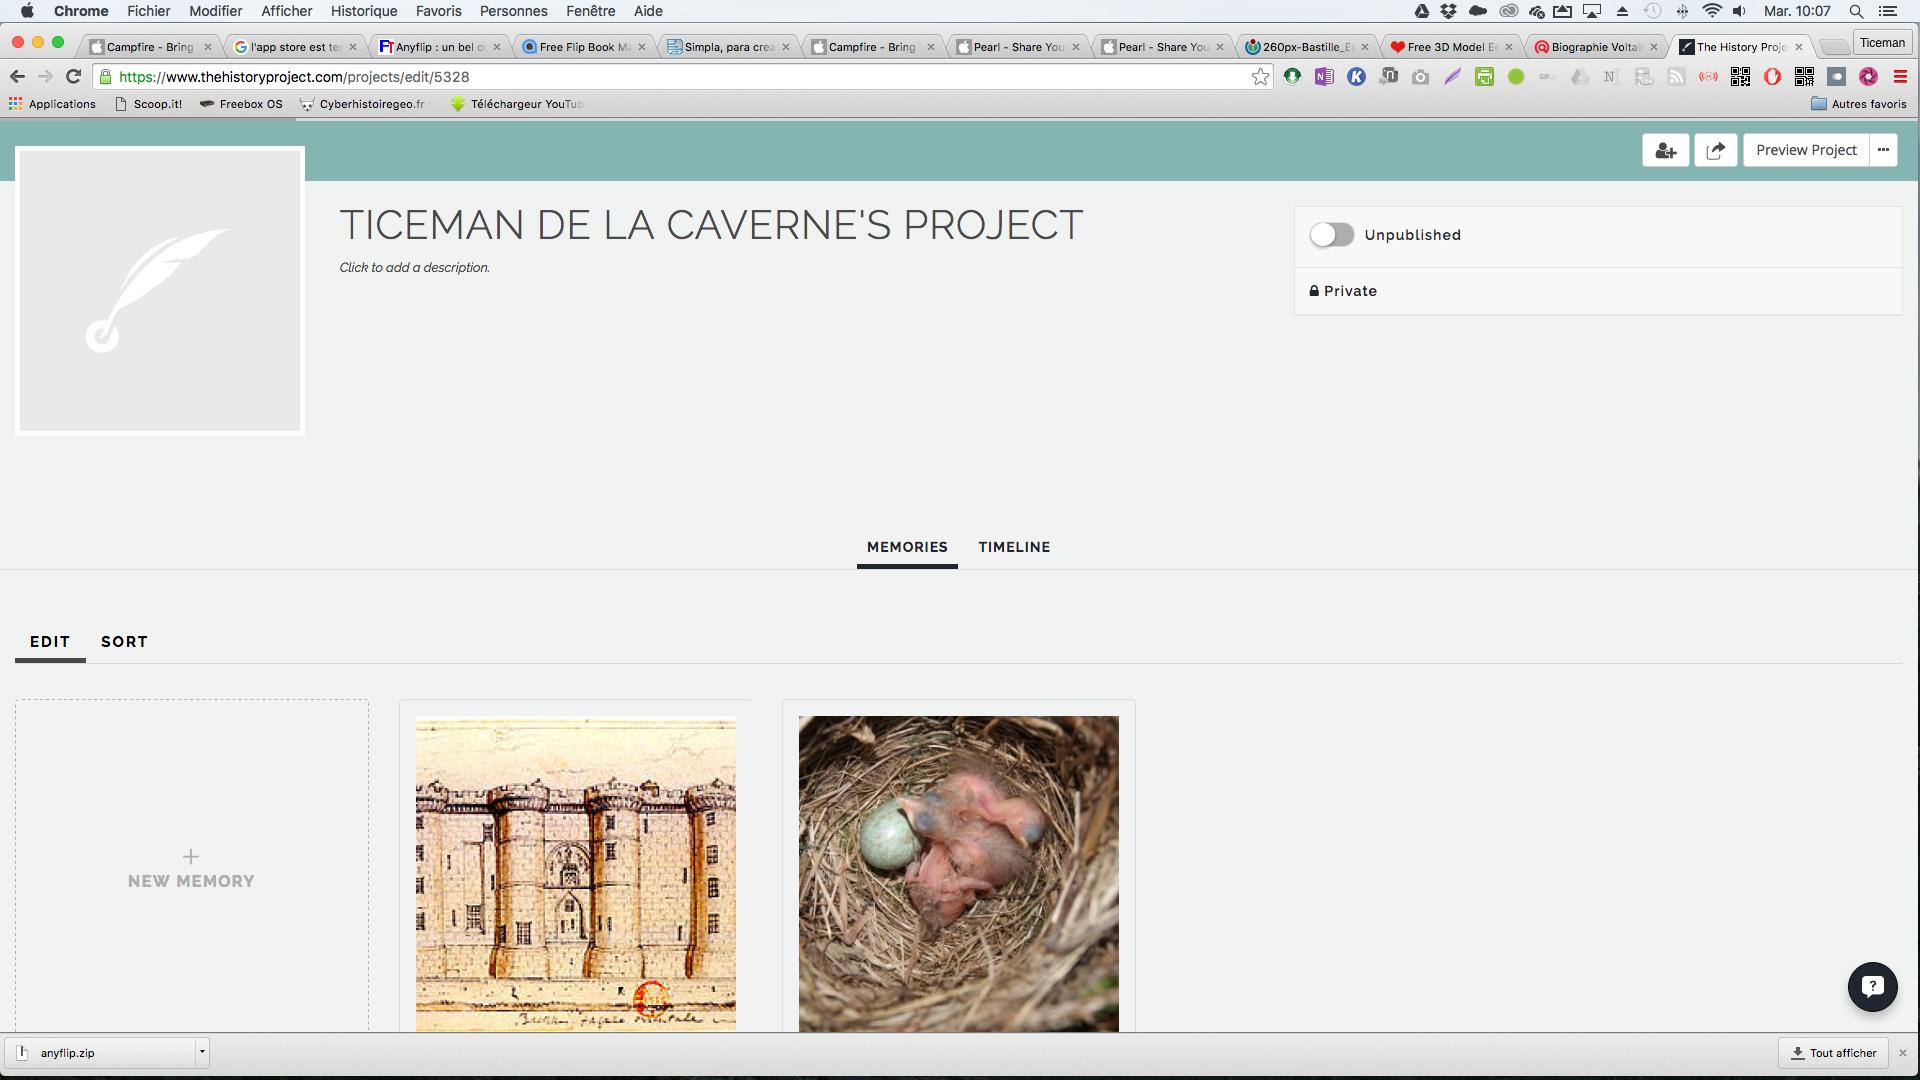 The History project: une autre façon de concevoir des frises chronologiques dynamiques